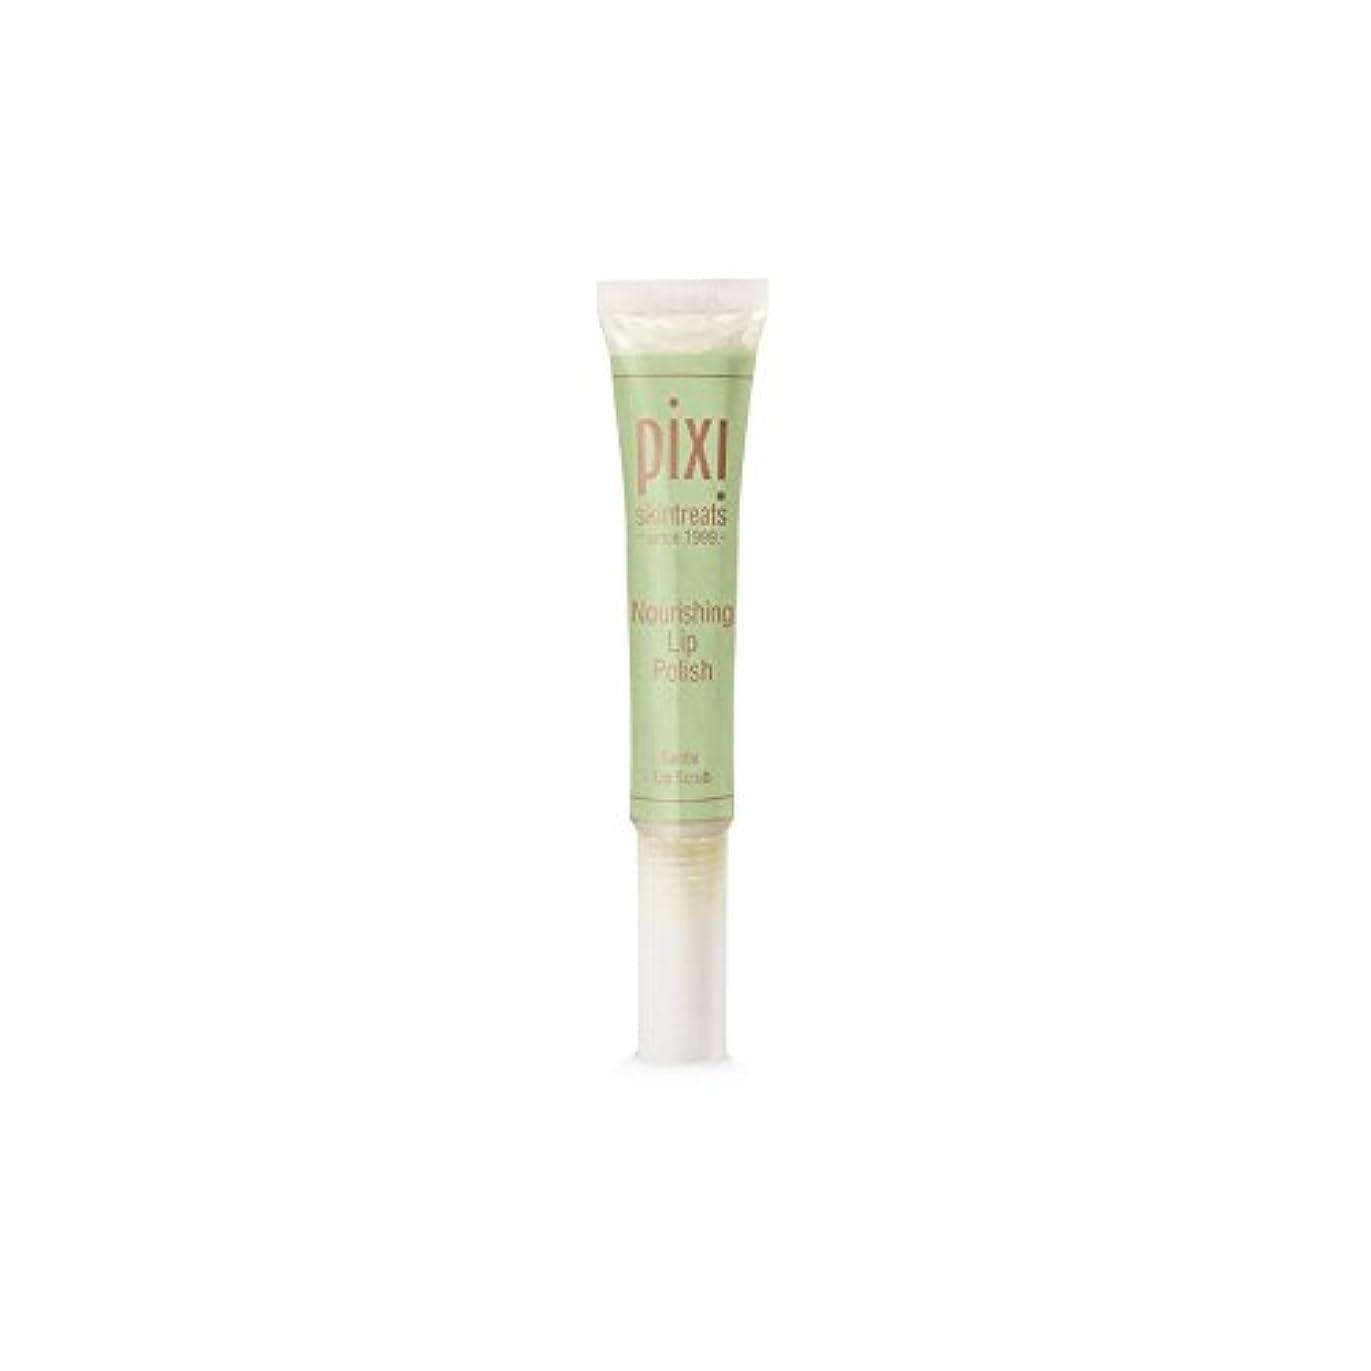 破壊浪費超えるPixi Nourishing Lip Polish (Pack of 6) - 栄養リップポリッシュ x6 [並行輸入品]